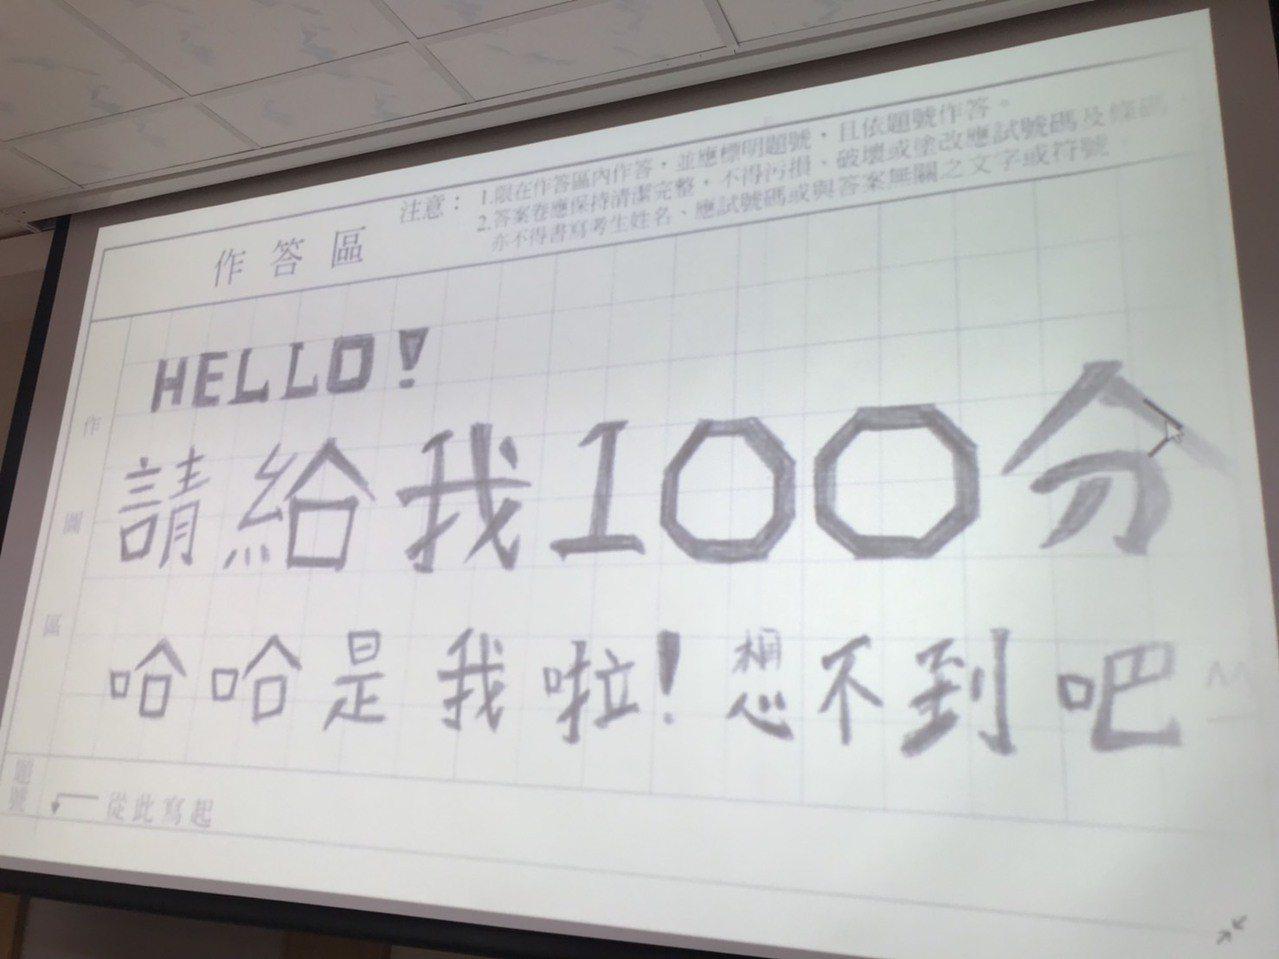 有考生在化學科試卷上寫「HELLO!請給我100分」。記者馮靖惠/攝影